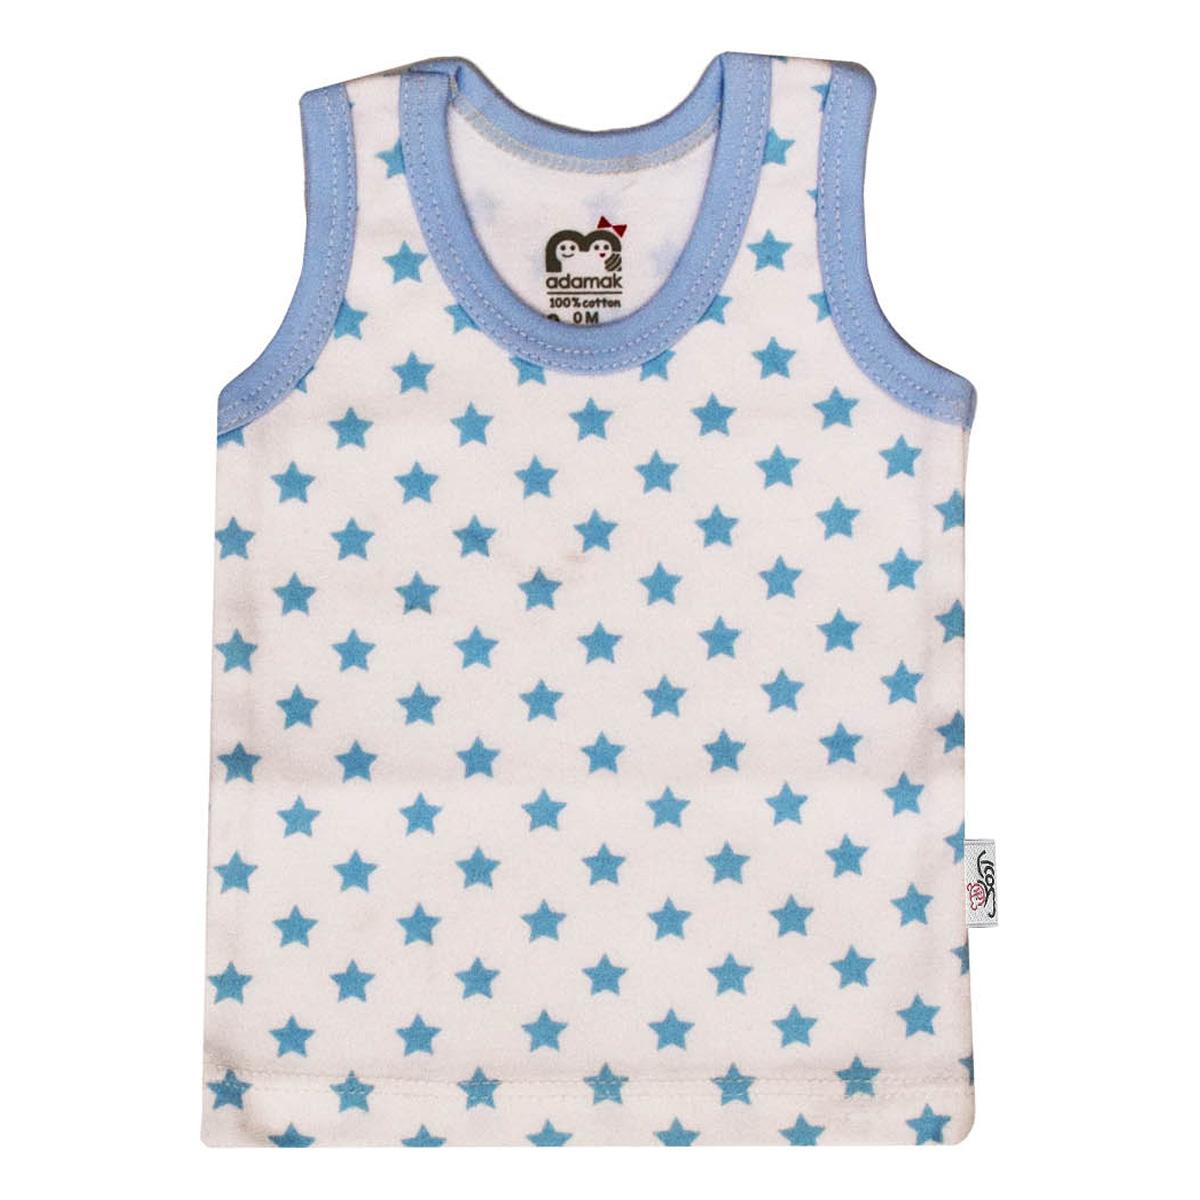 تاپ نوزادی آدمک طرح ستاره آبی